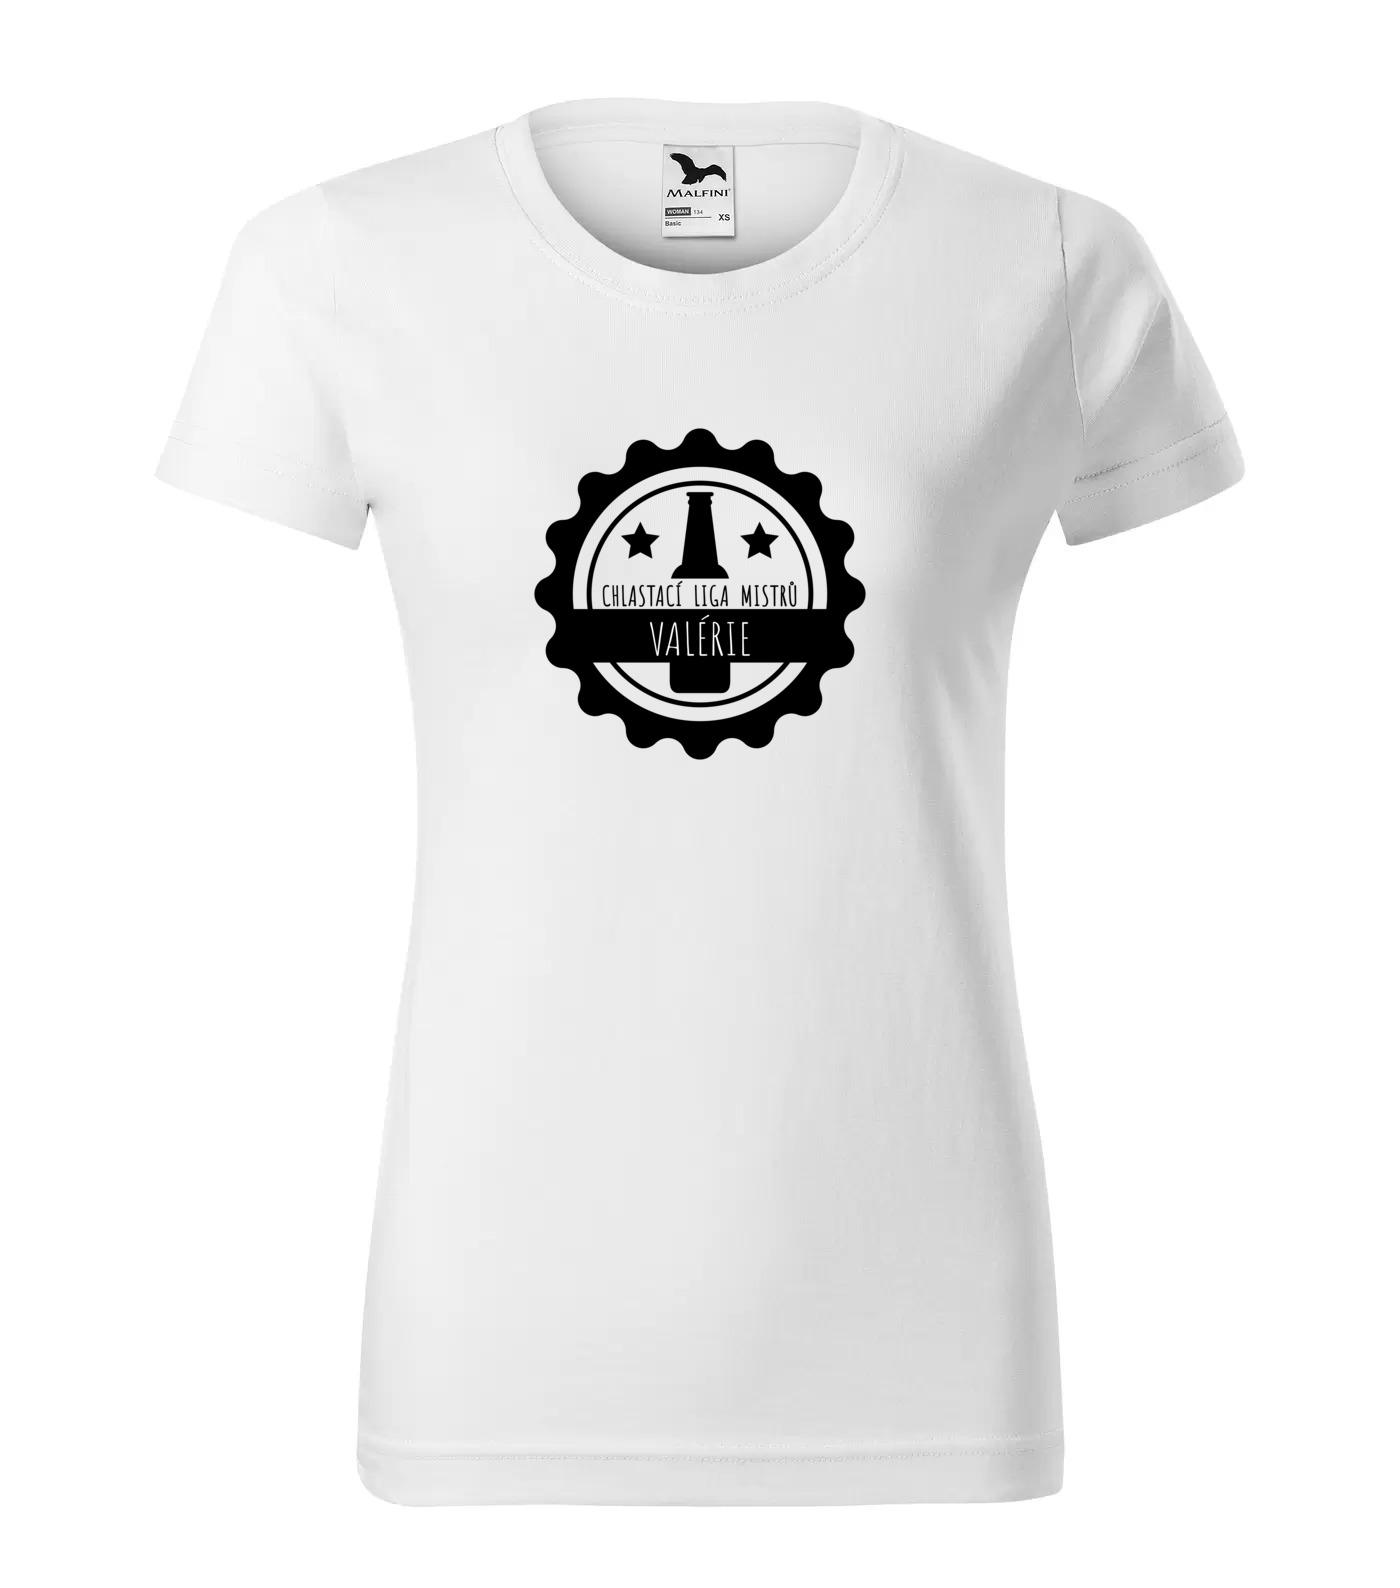 Tričko Chlastací liga žen Valérie